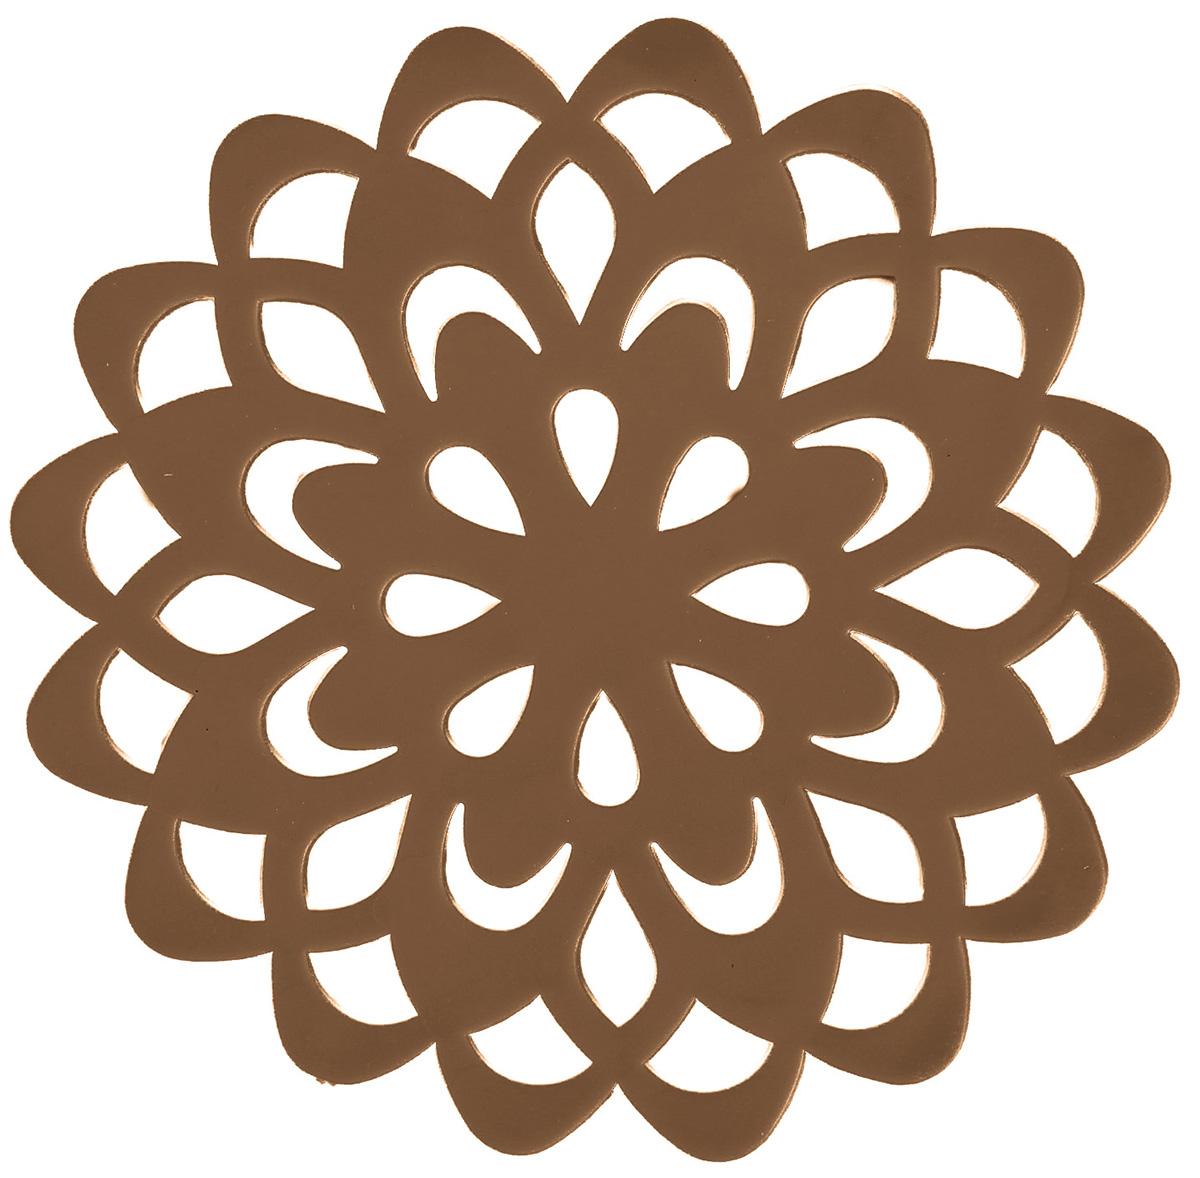 Набор подставок под горячее Доляна Воспоминание, цвет: коричневый, диаметр 10 см, 4 шт столы